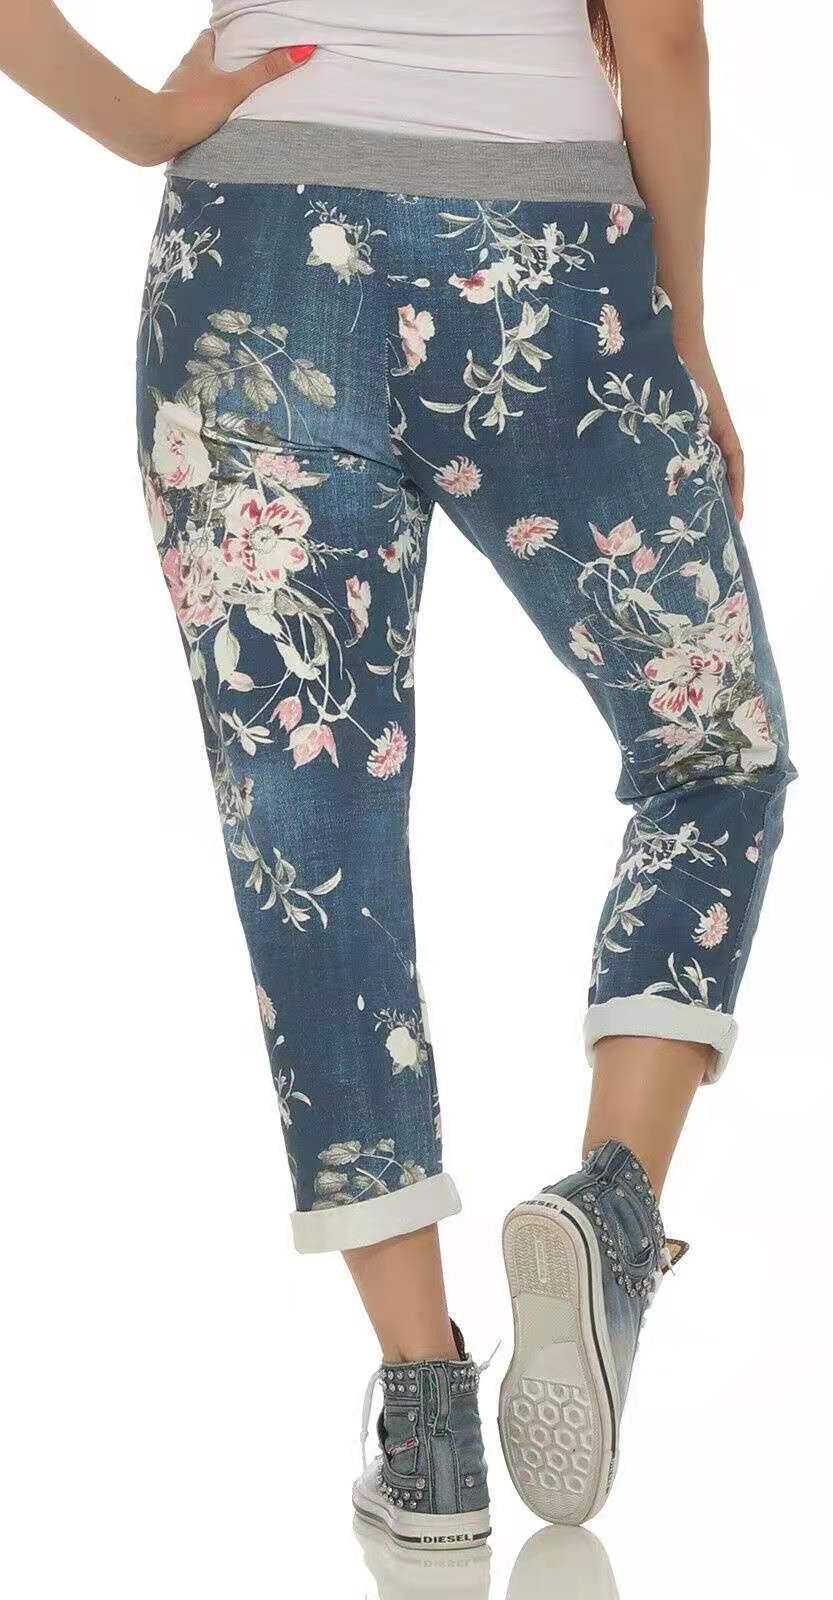 Женские модные джинсы с цветочным принтом, эластичная талия, повседневные джинсы, брюки до щиколотки, свободные брюки со шнуровкой, джинсы в...